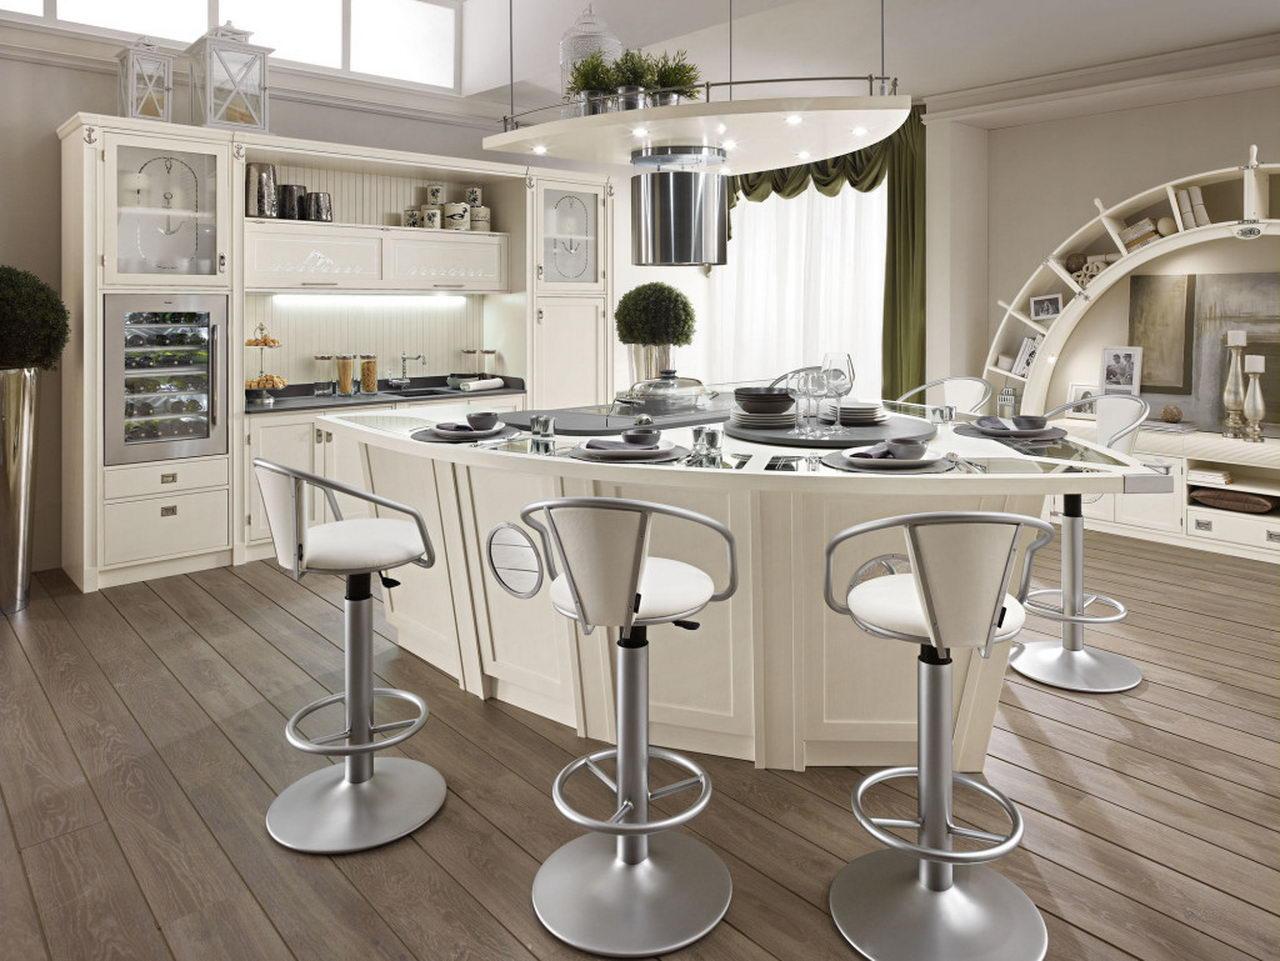 french modern kitchen design ideas